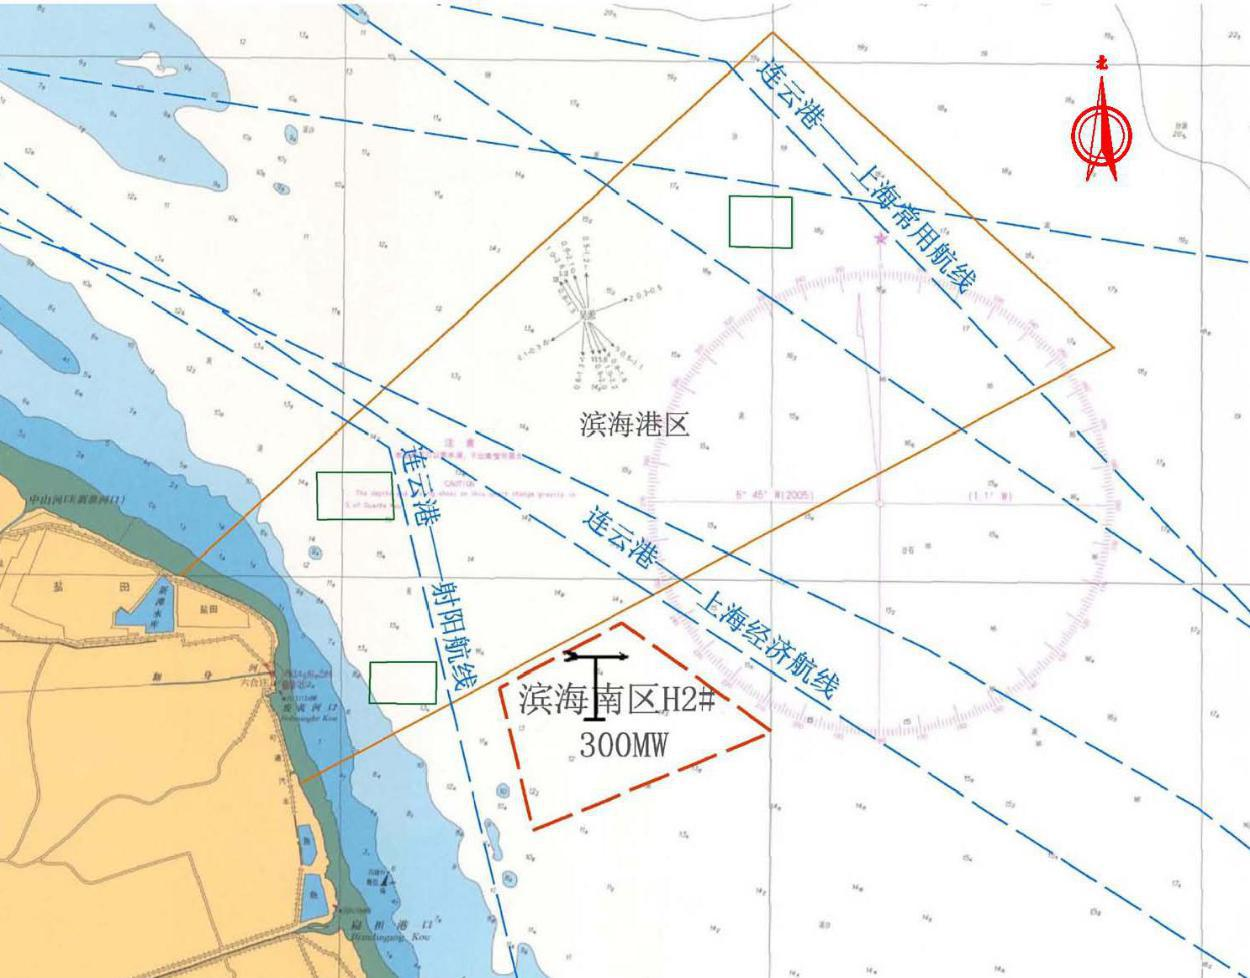 大唐江苏滨海300MW海上风电工程